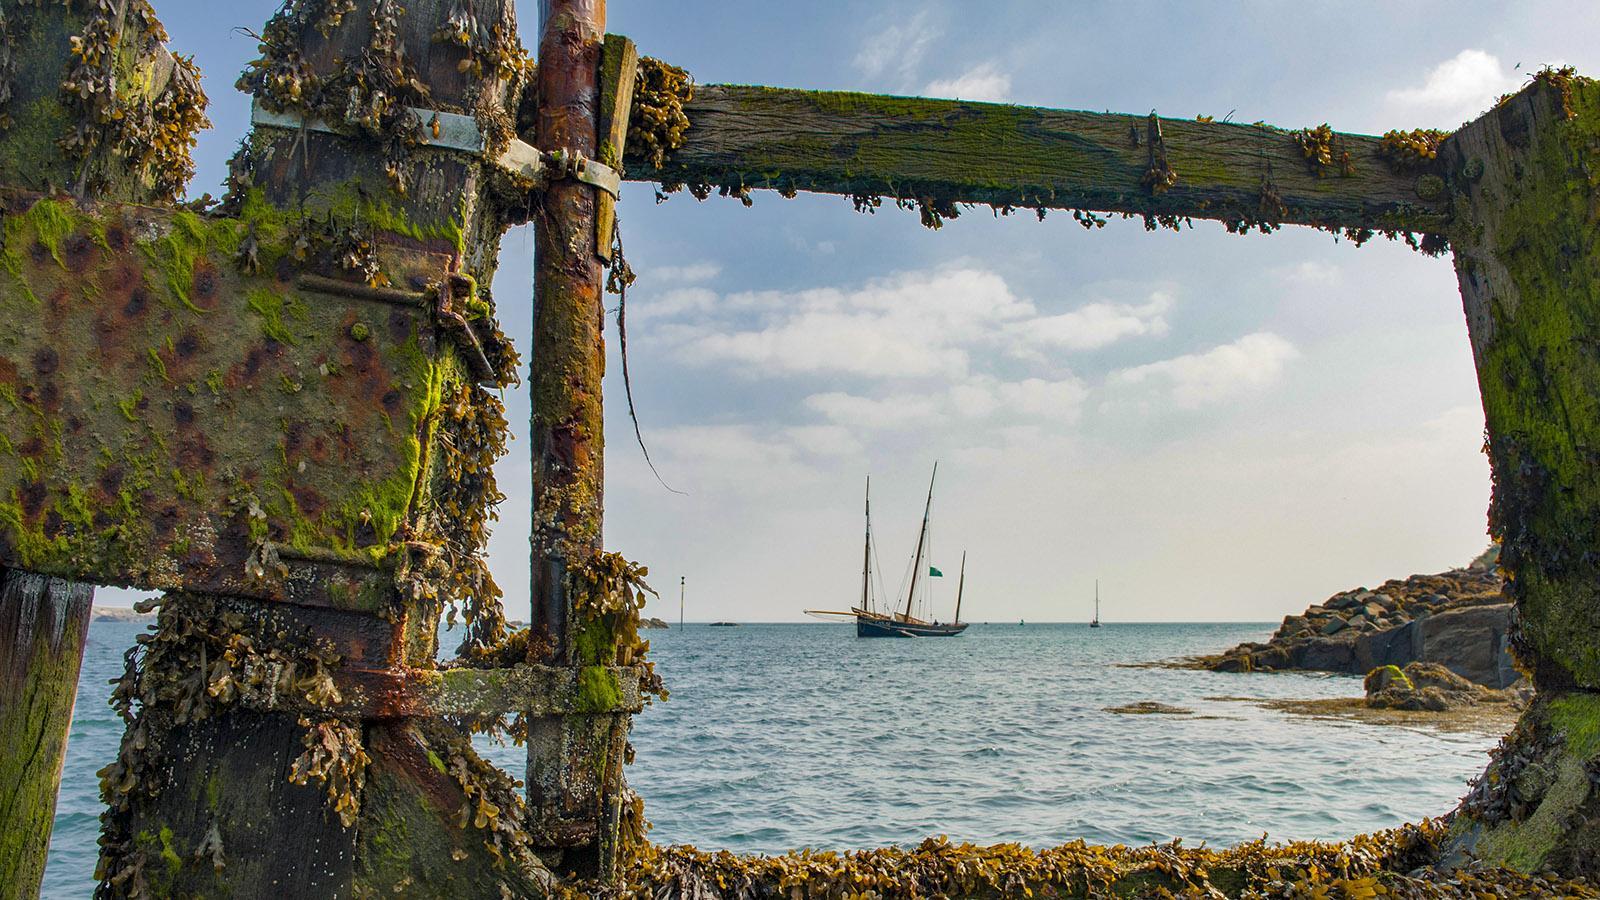 Cuisine Corsaire: Die Bisquine La Cancalaise vor den Îles Chausey. Foto: Hilke Maunder